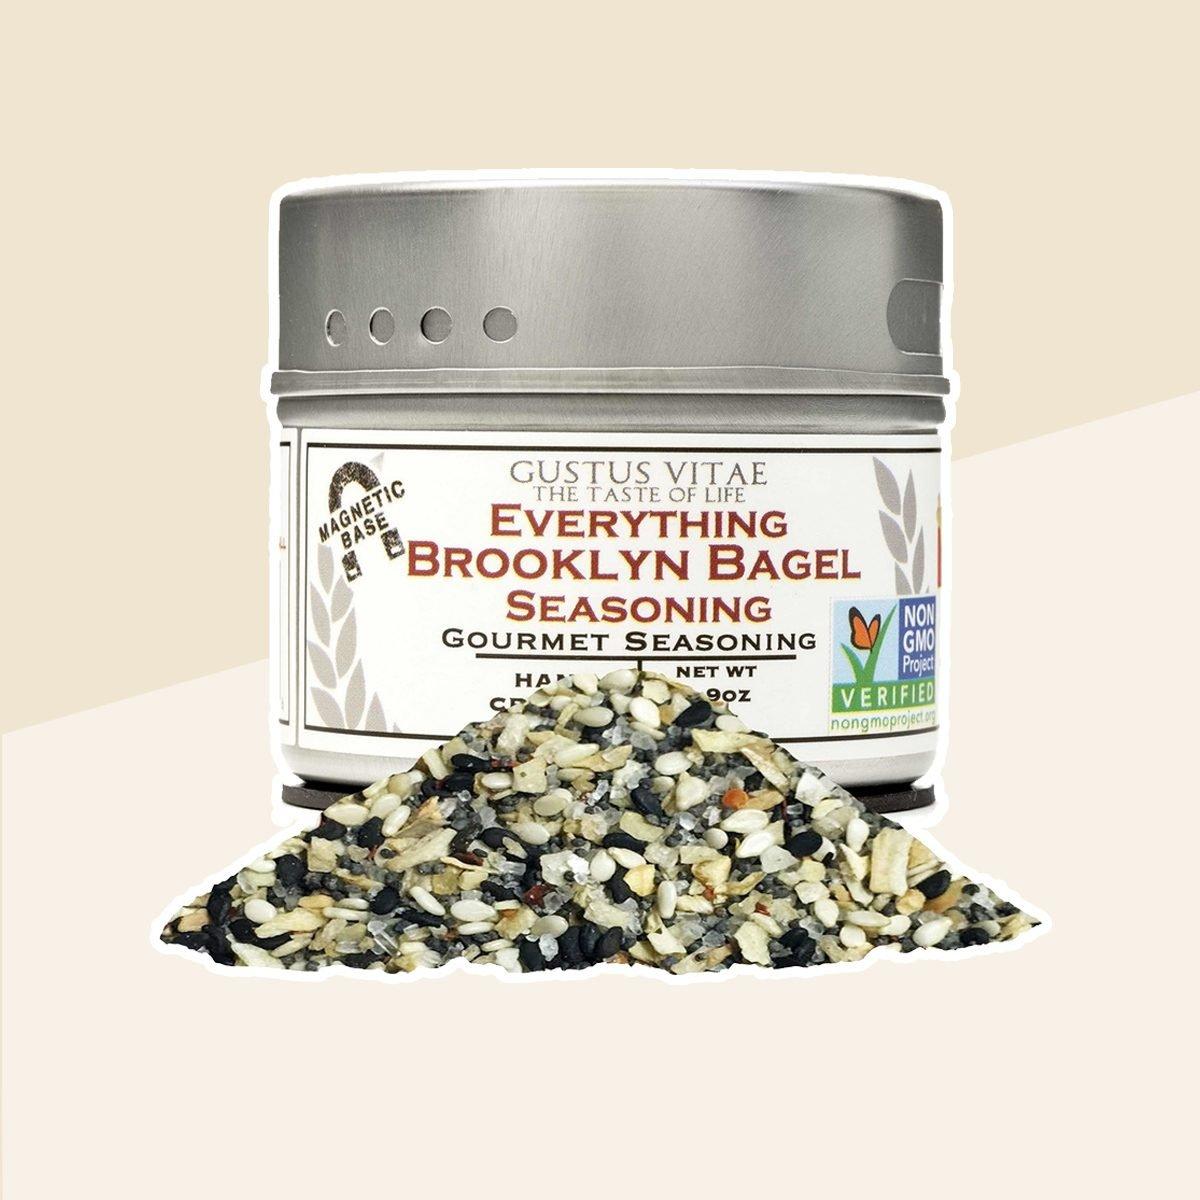 Gustus Vitae's Everything Brooklyn Bagel Seasoning